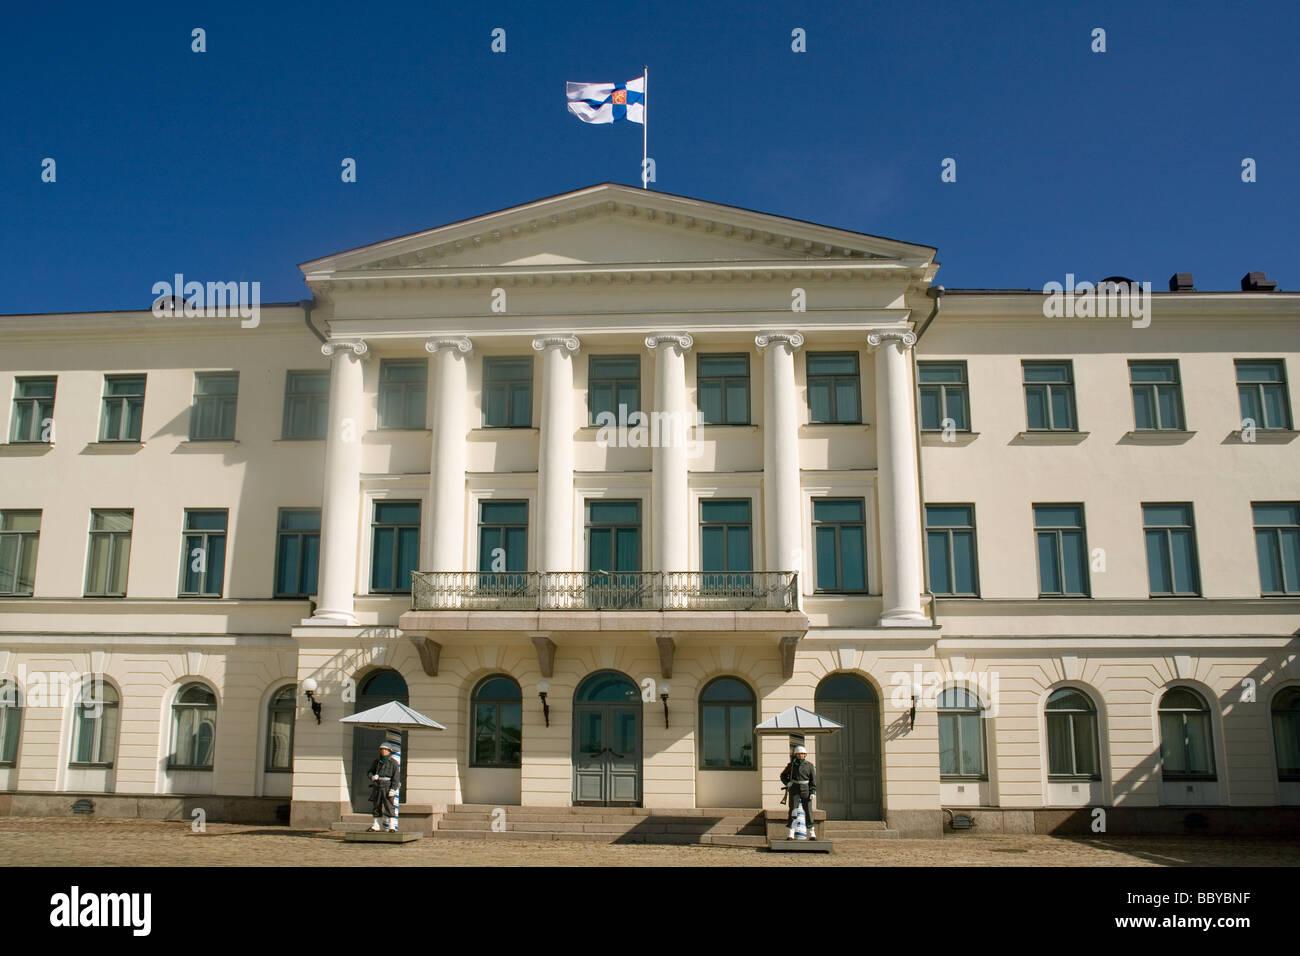 Finland Helsinki President's Palace - Stock Image